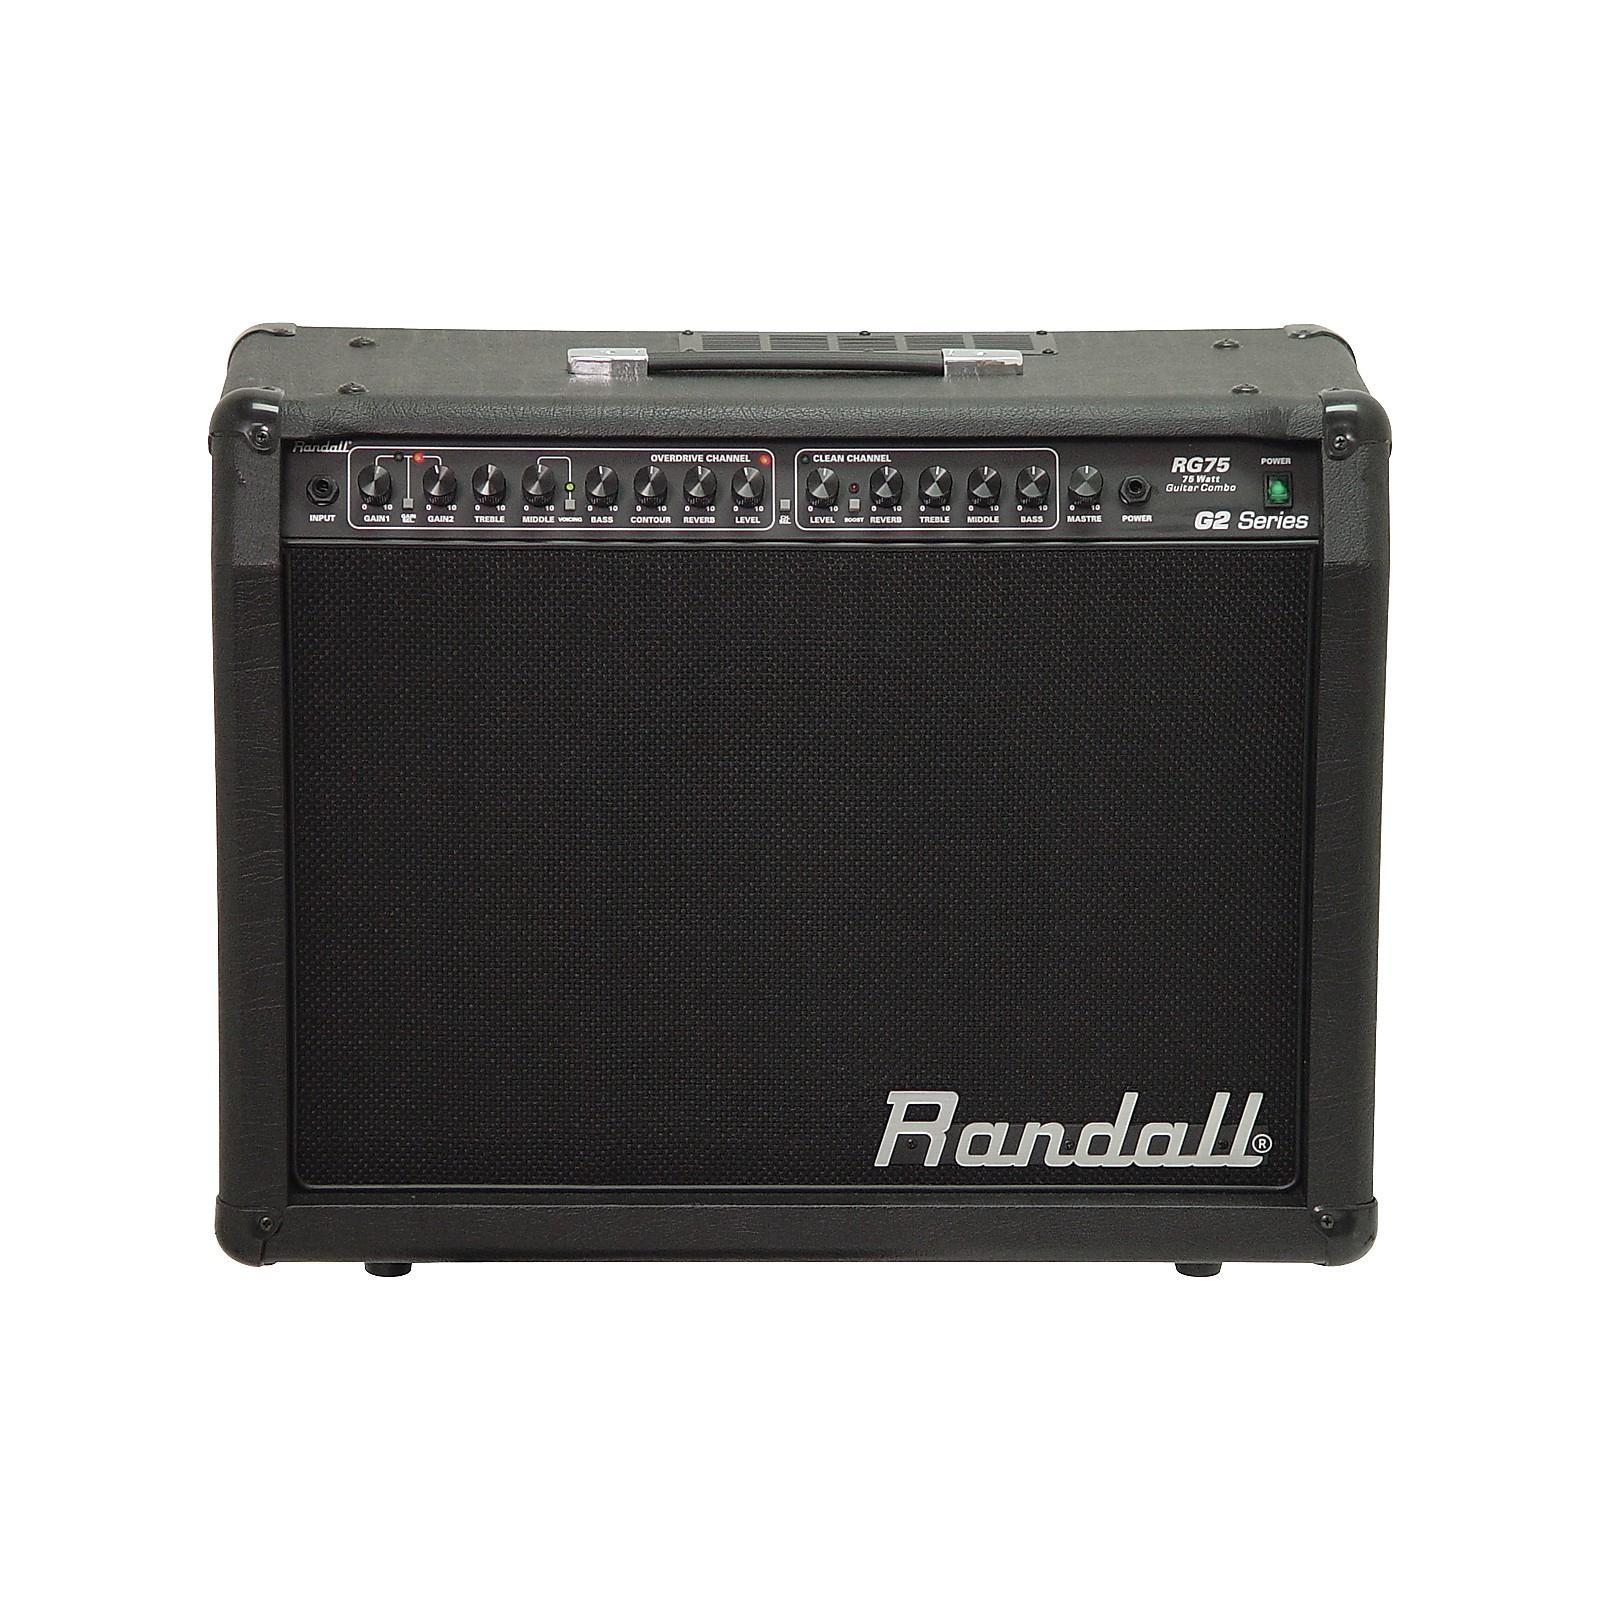 Randall RG75/G2 75W 1x12 Guitar Combo